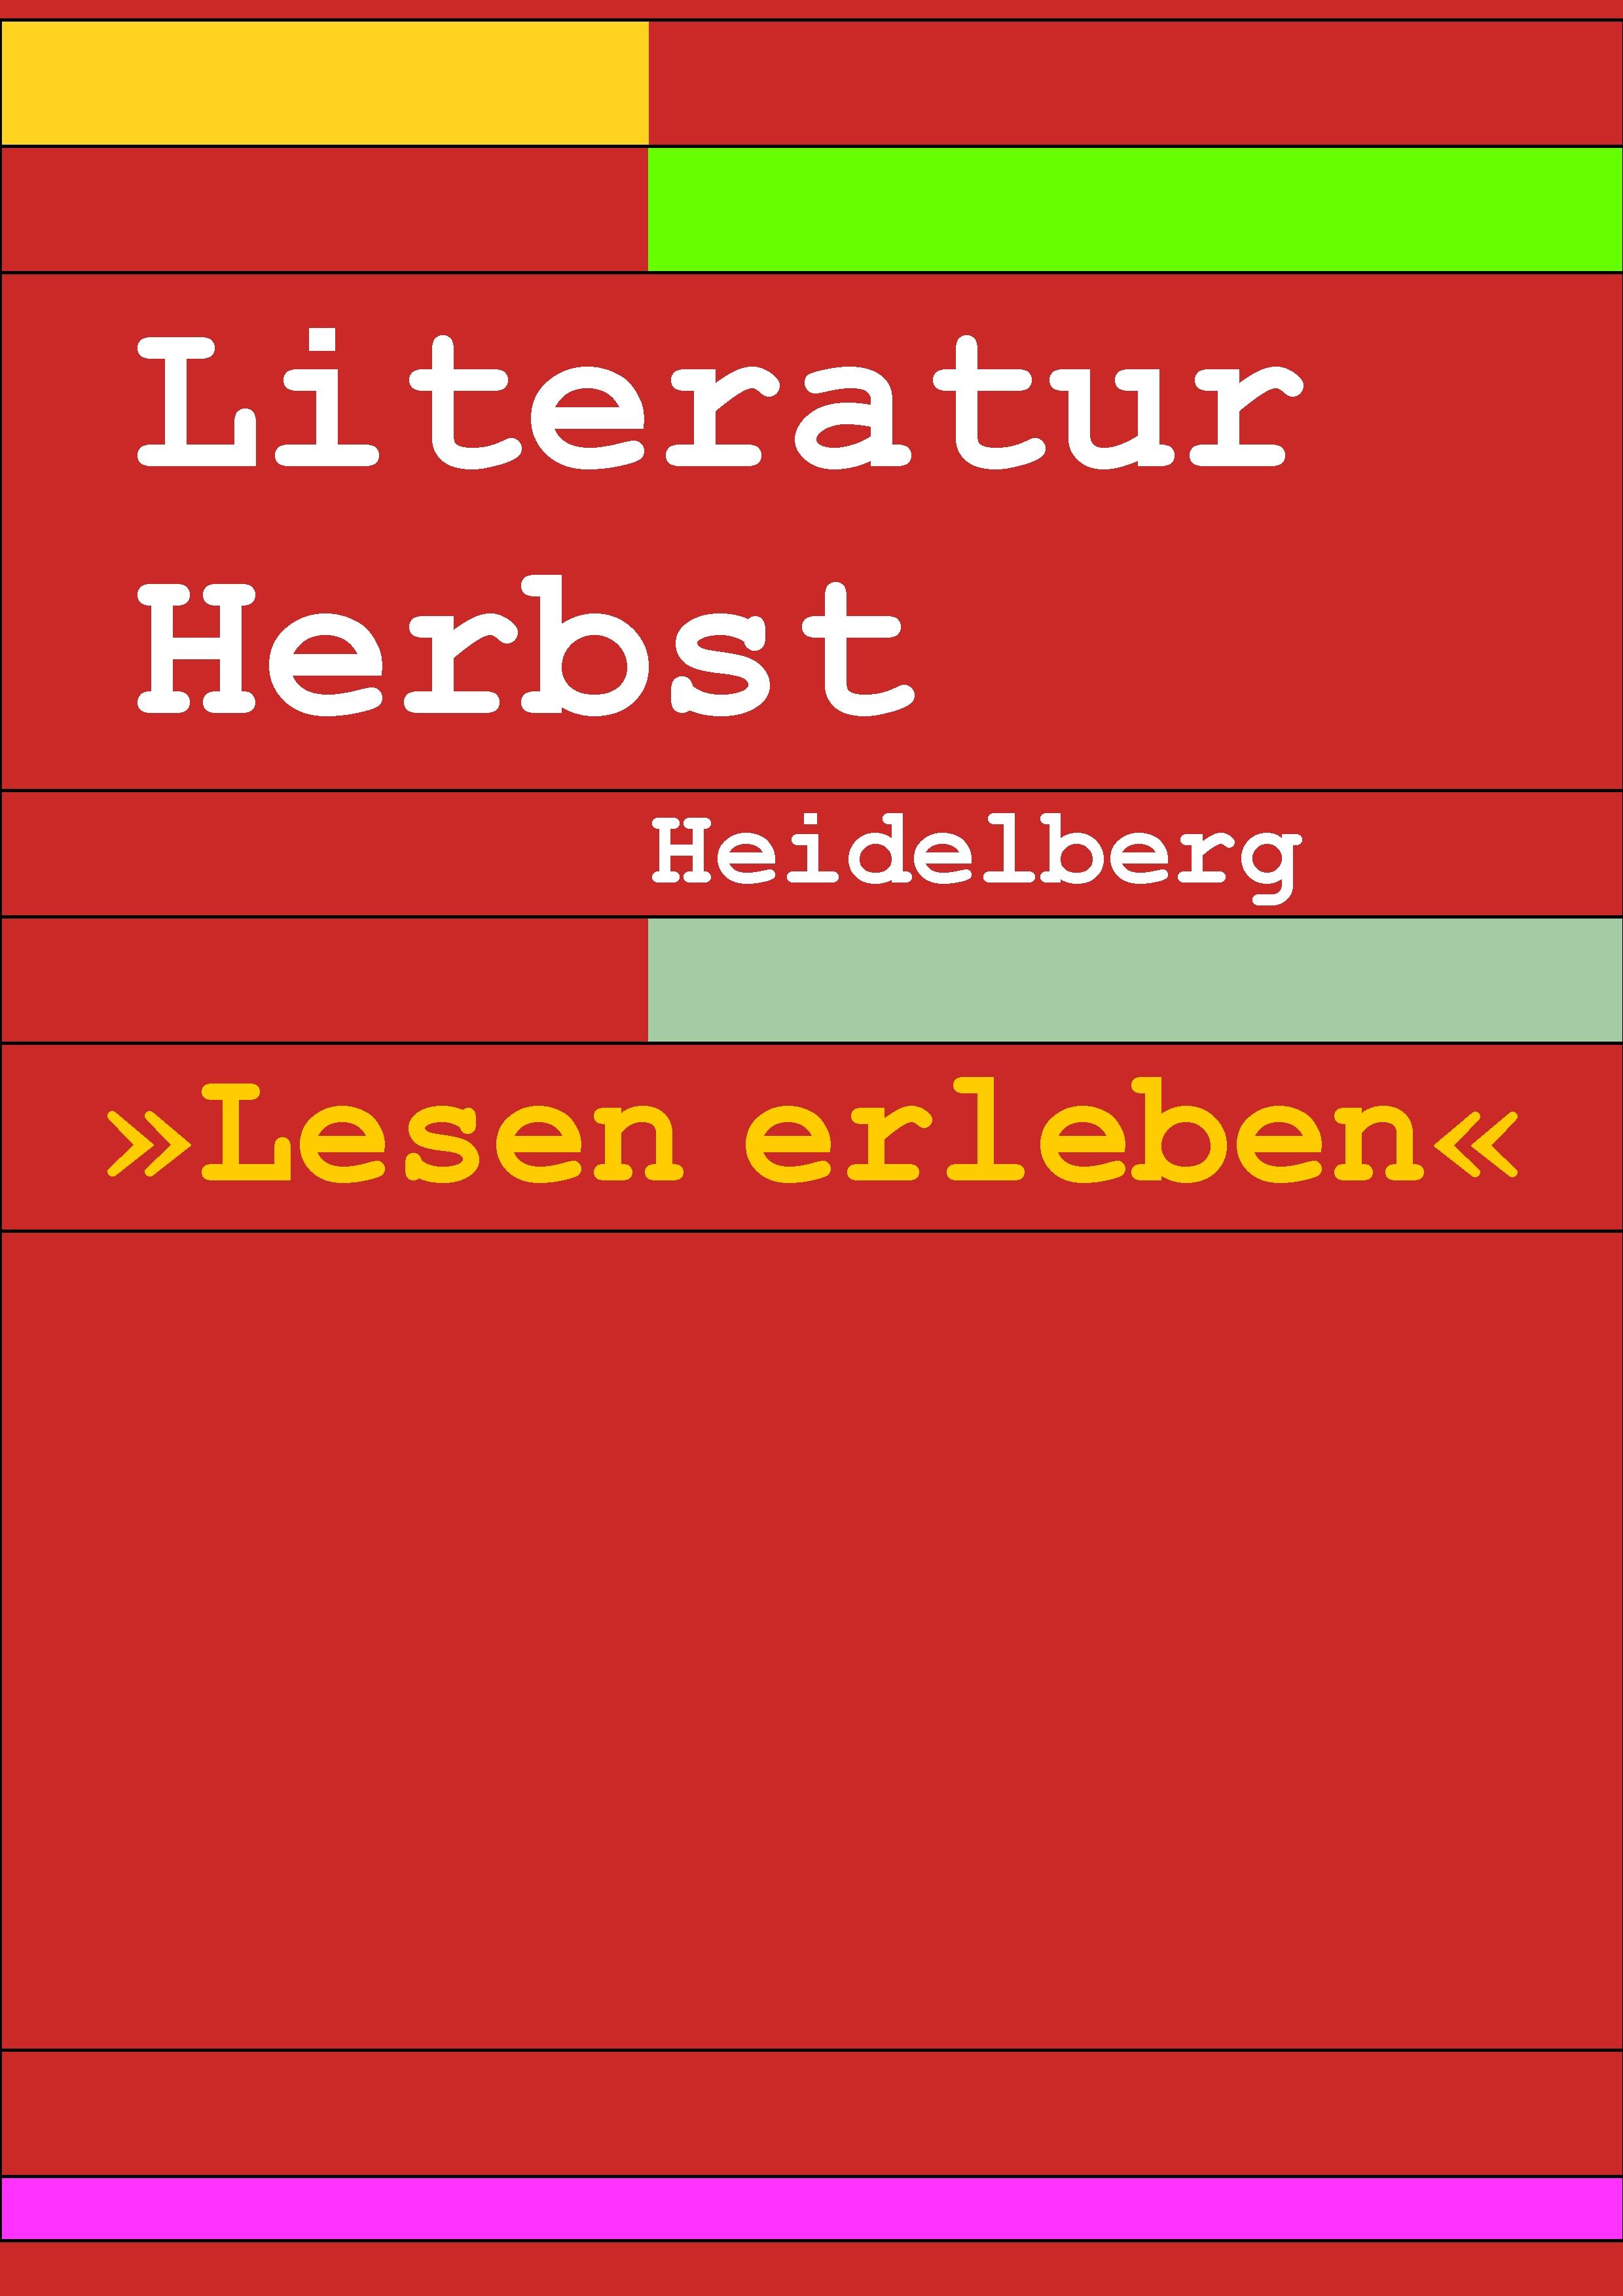 heidelberg.de   Literaturherbst Heidelberg